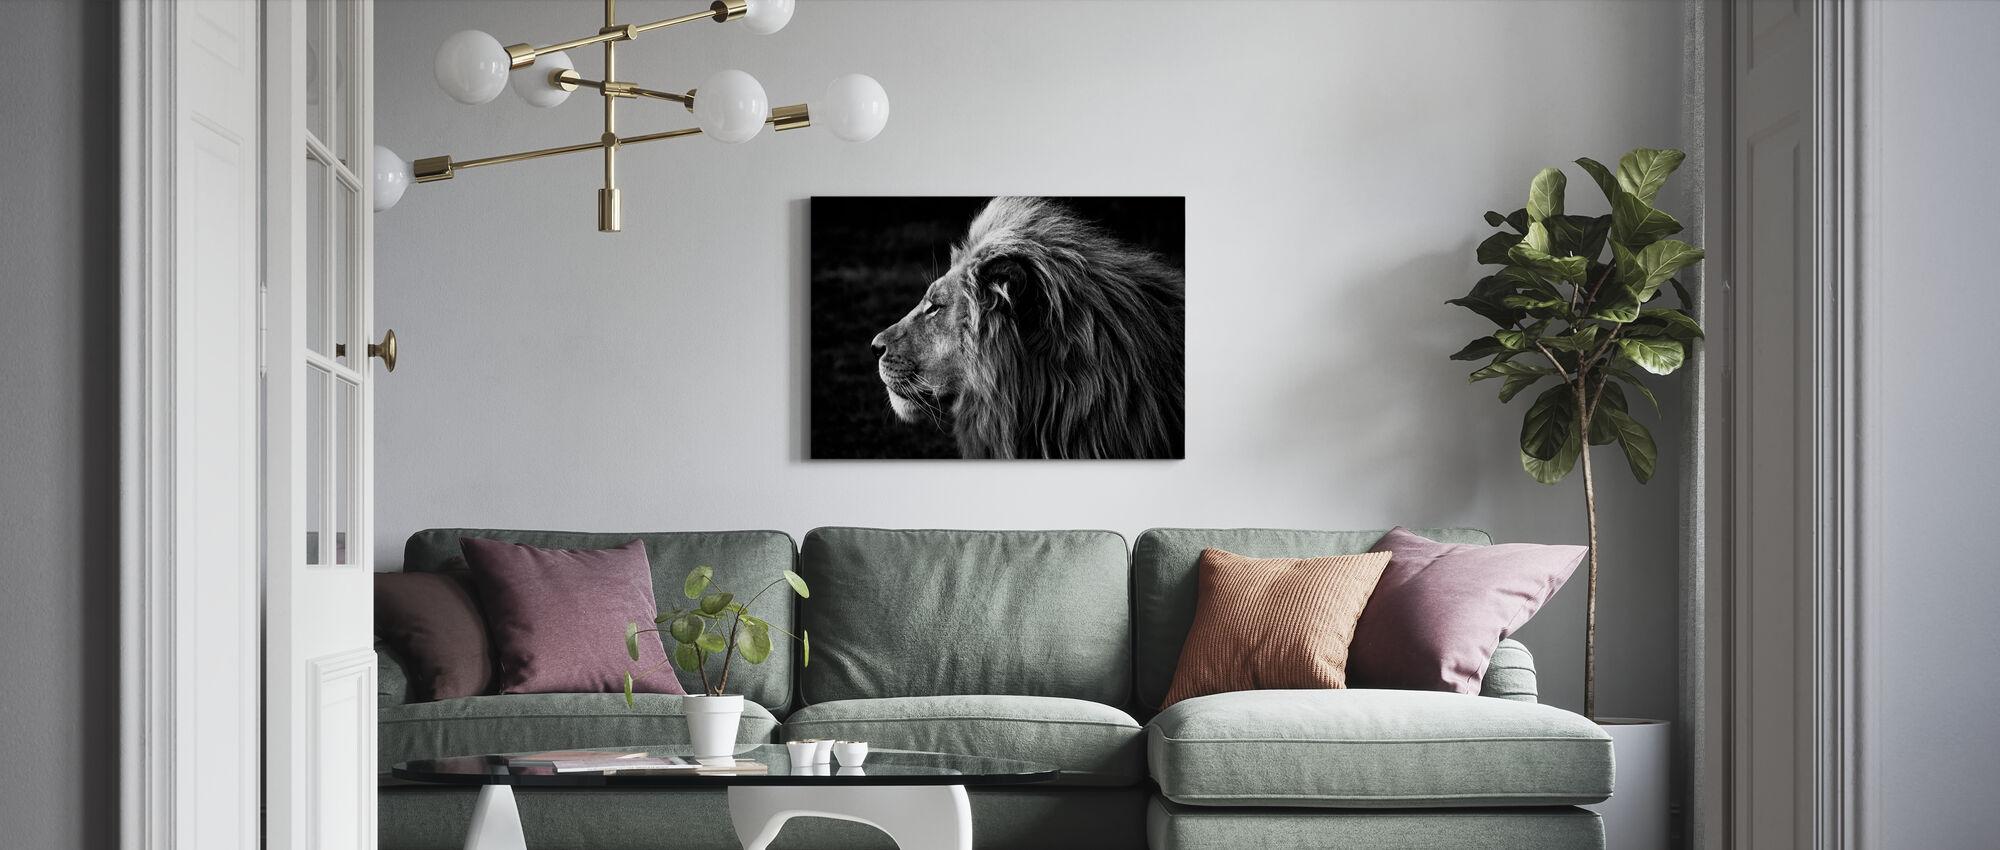 Lejonet - Canvastavla - Vardagsrum